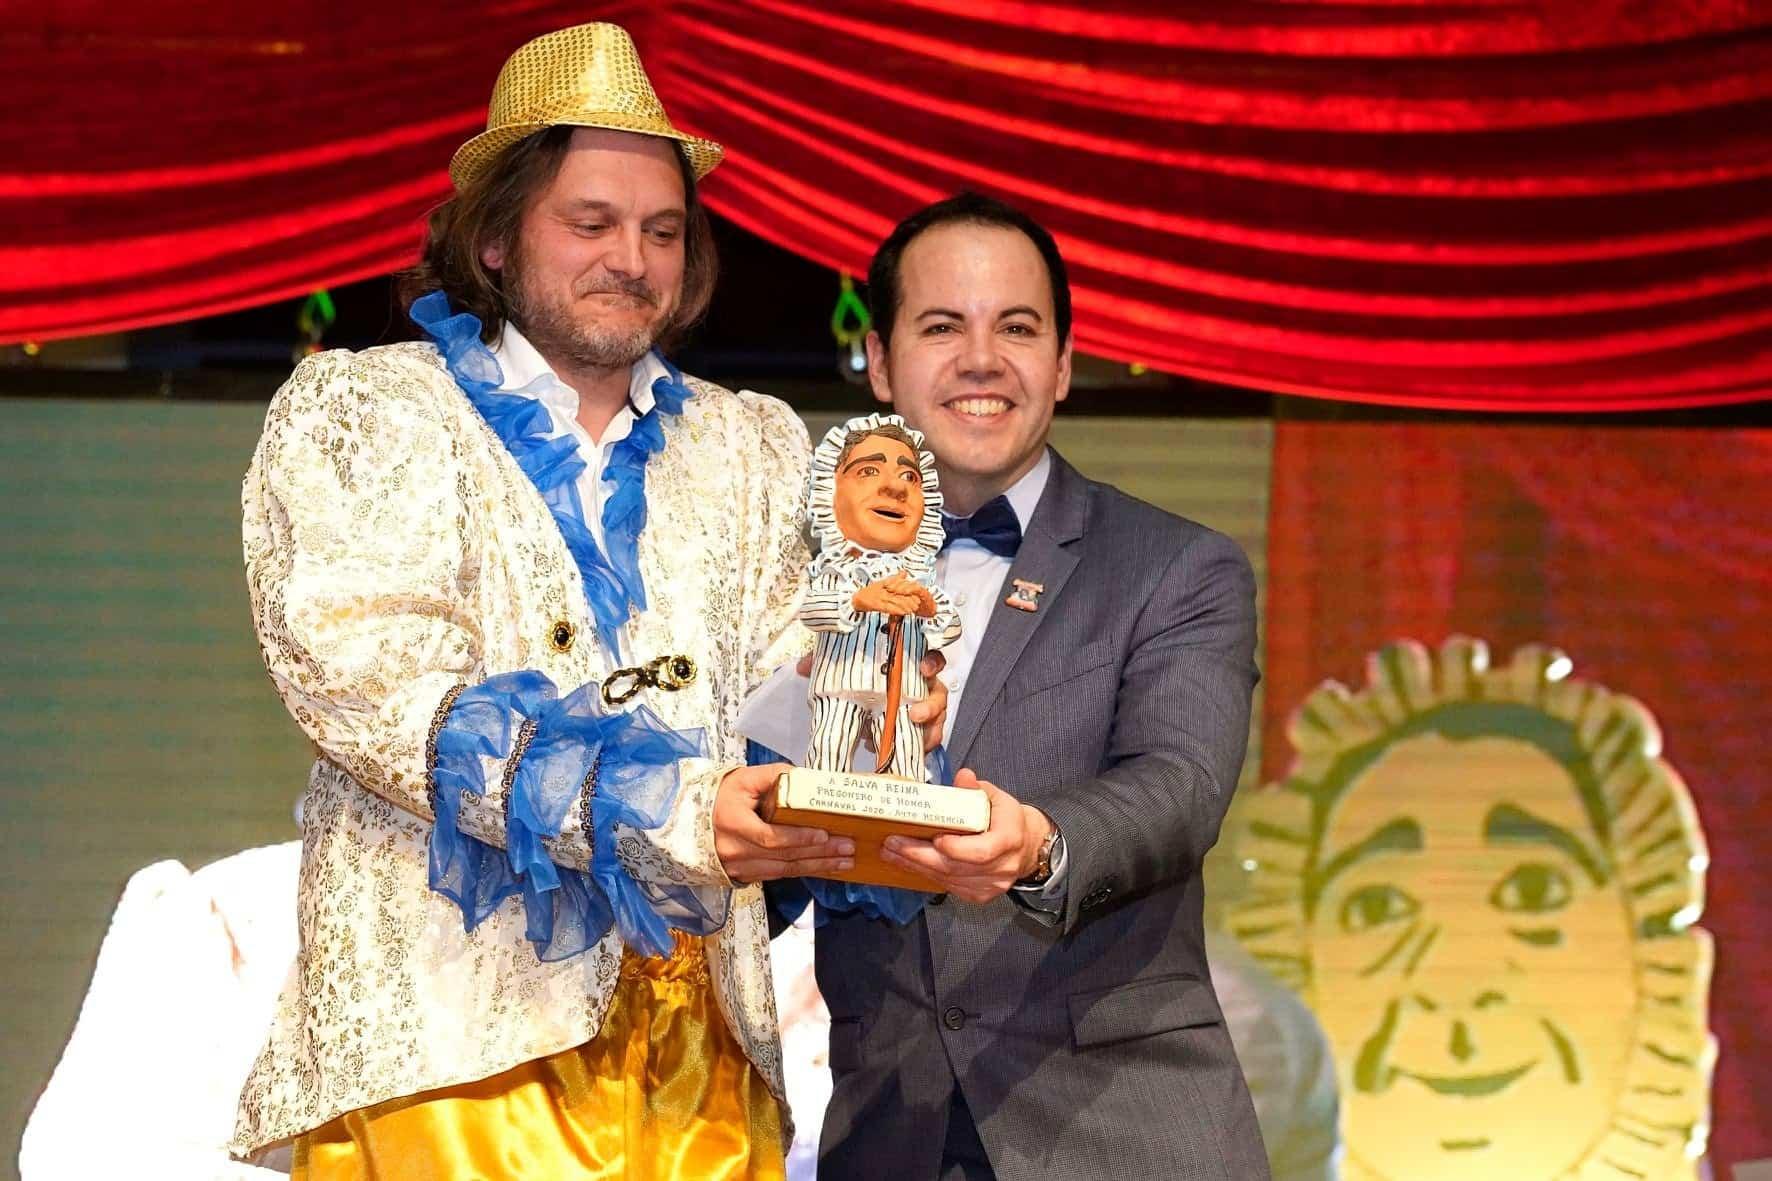 inauguracion carnaval 2020 herencia 6 - Inauguración del Carnaval de Herencia 2020